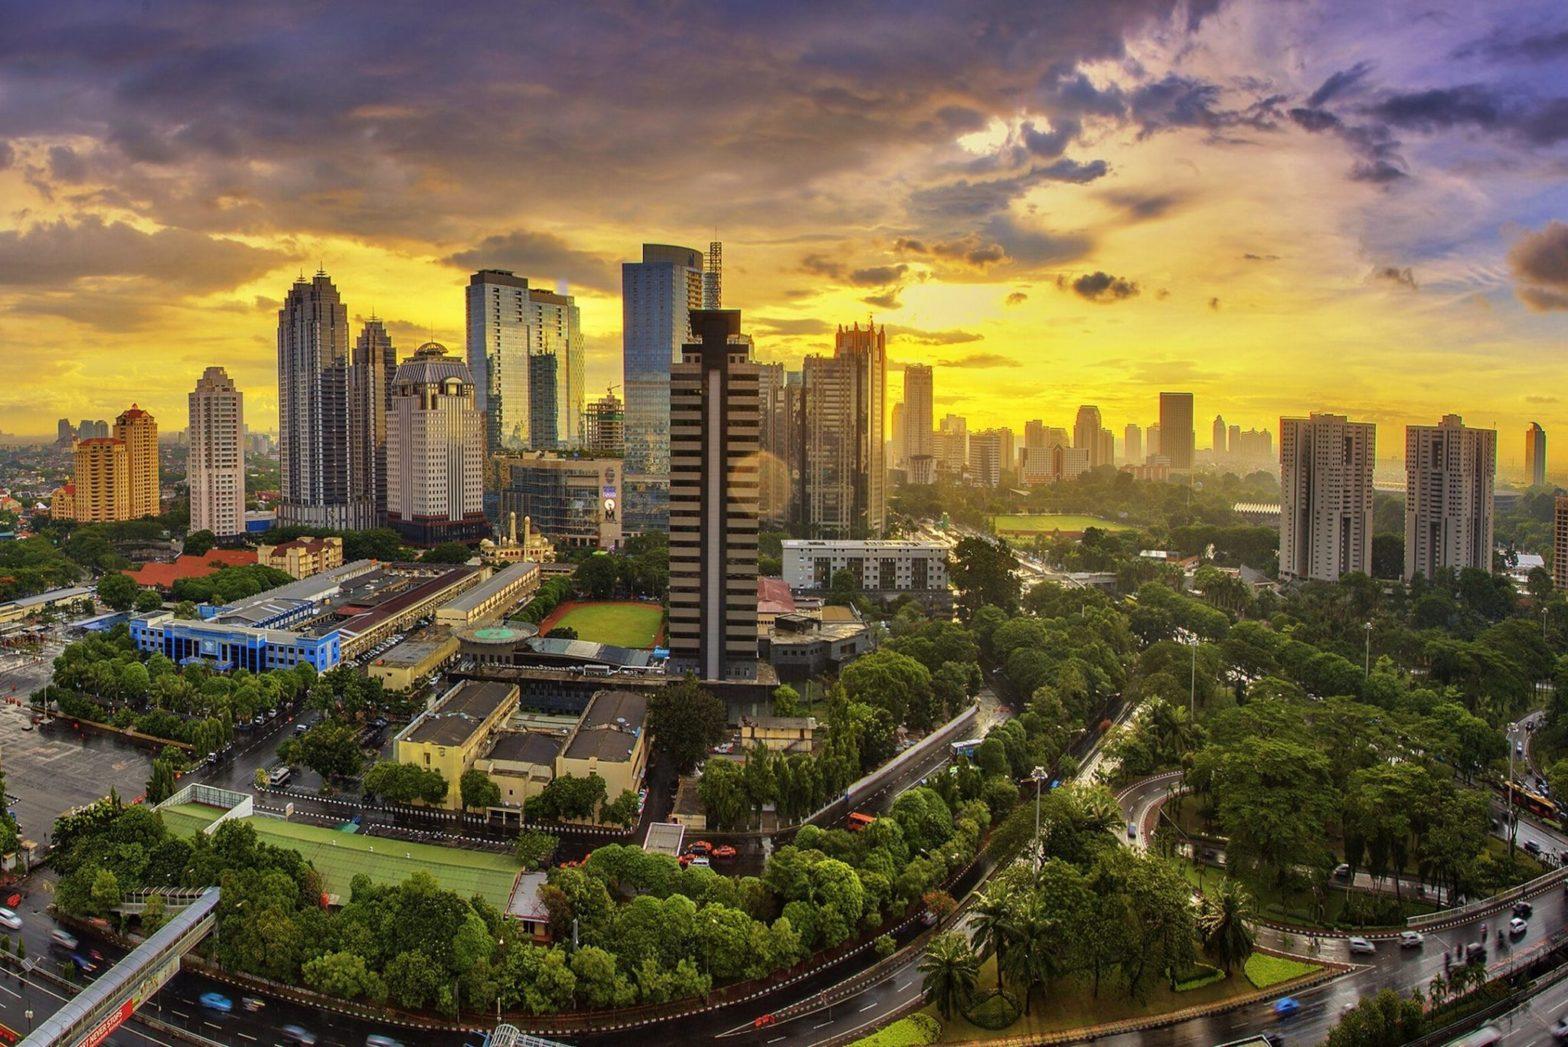 Jakarta, ibu kota Indonesia, adalah pusat ekonomi, budaya dan politik Indonesia